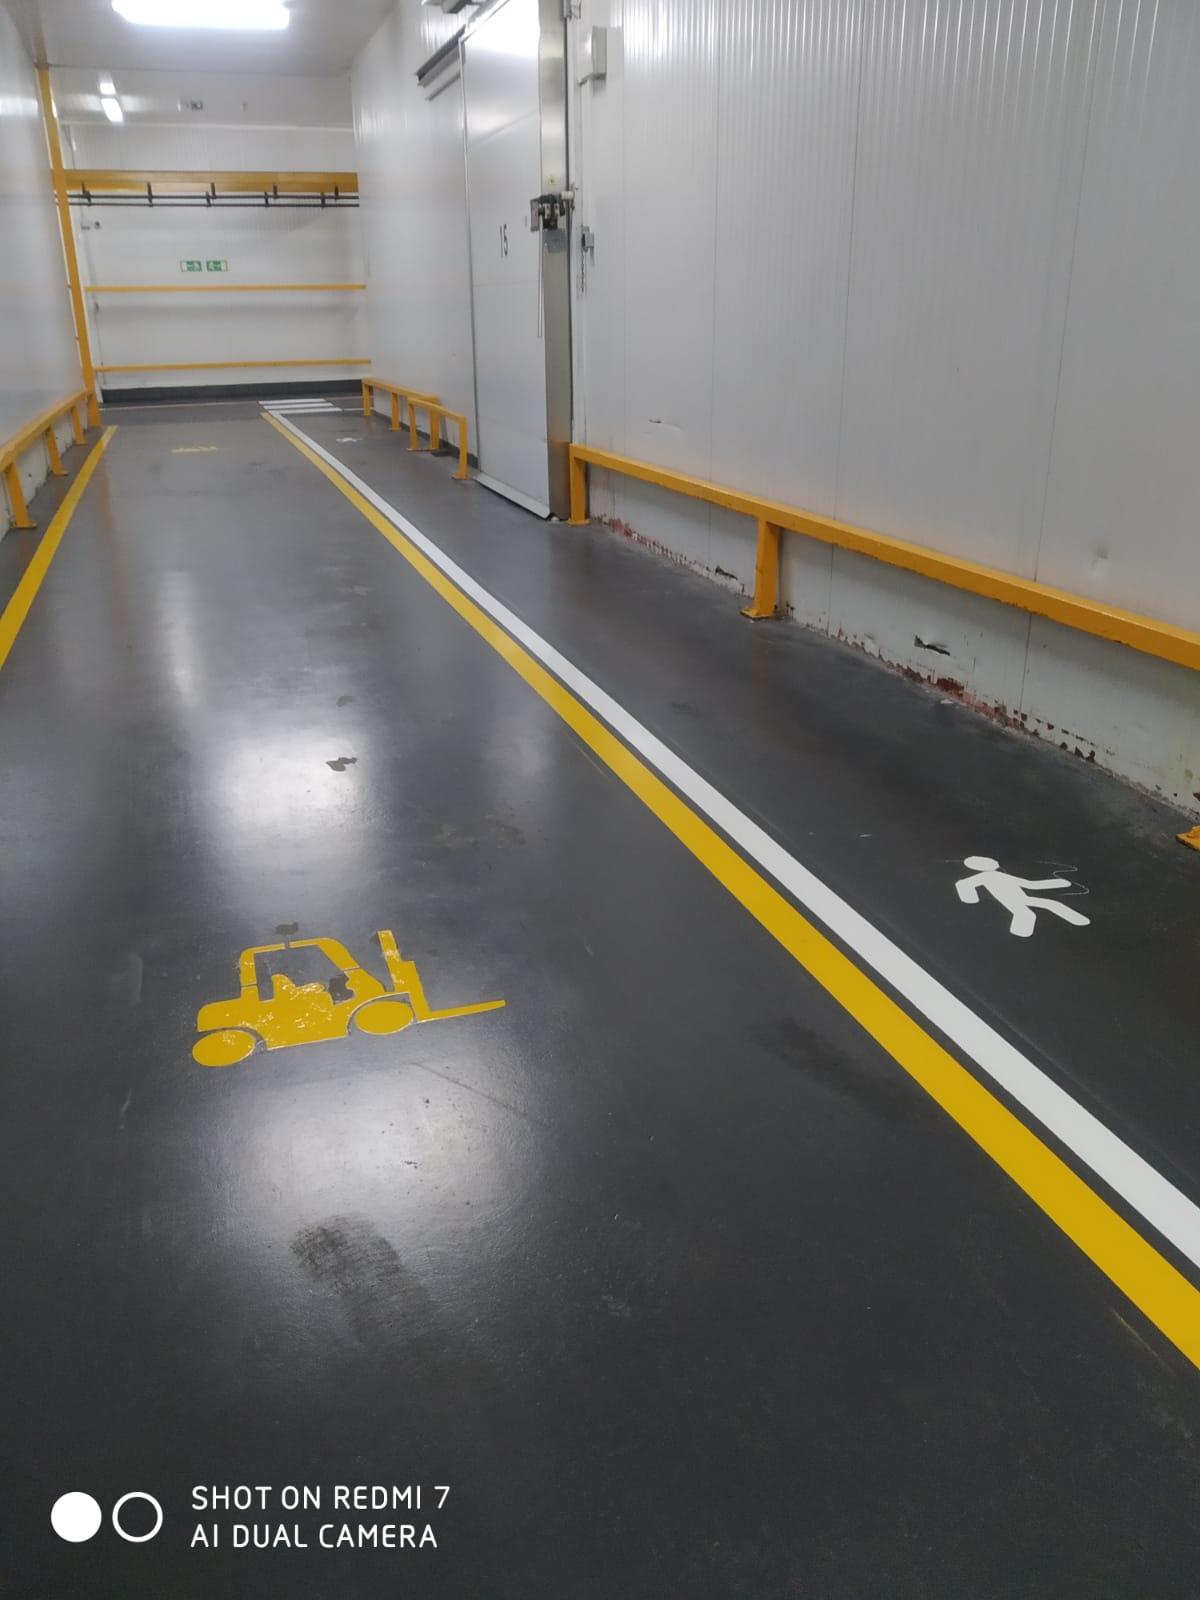 Señalización zona peatonal en el interior de una nave